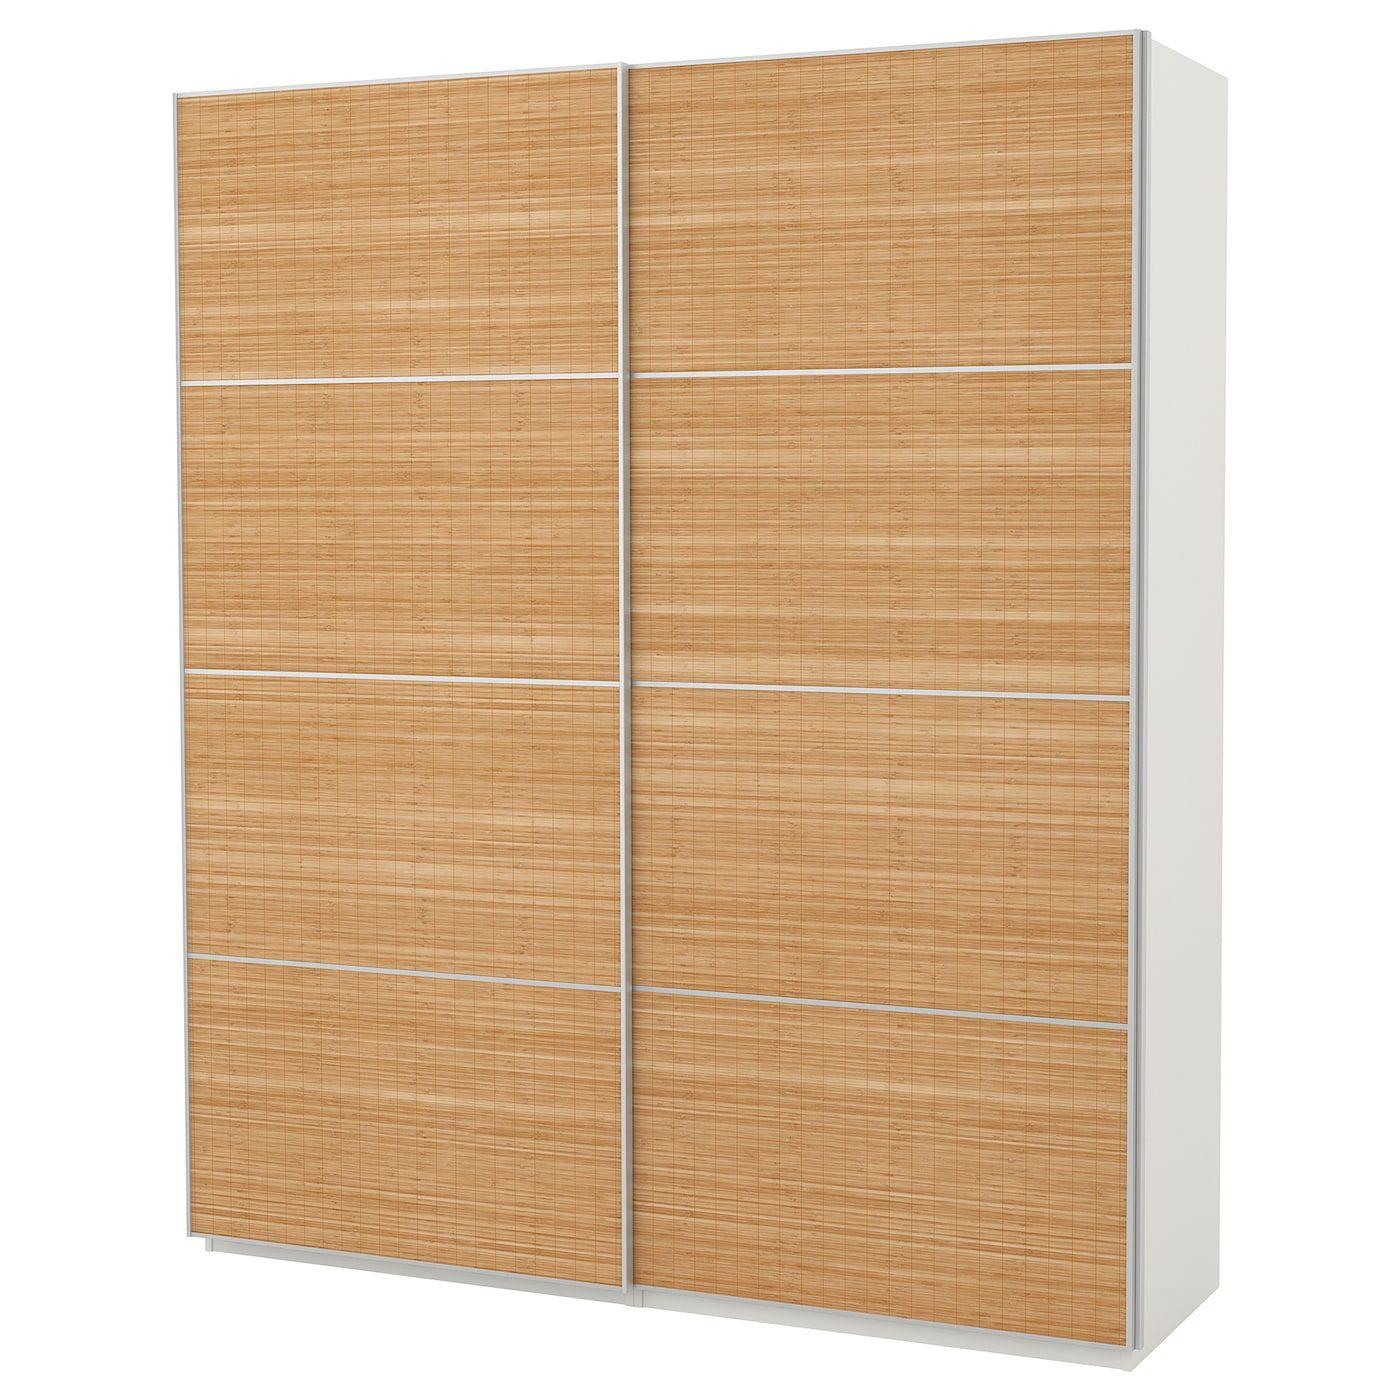 Fjellhamar 4 Panneaux Pr Pte Coul Bambou Double Face 75x236 Cm Ikea Pax Wardrobe Sliding Doors Door Frame